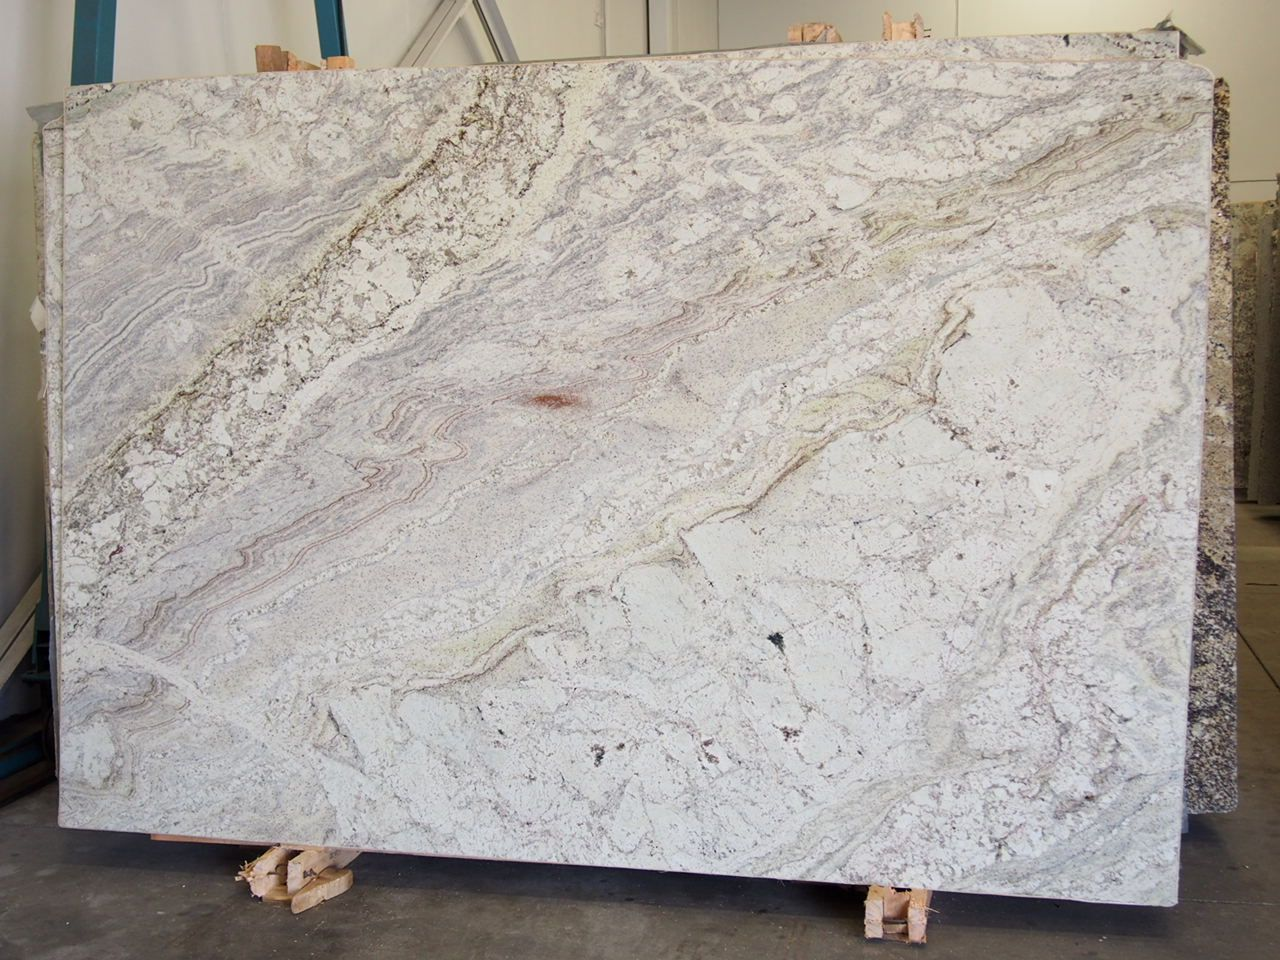 Siena river granite slab sold by milestone marble size for Granite slab dimensions